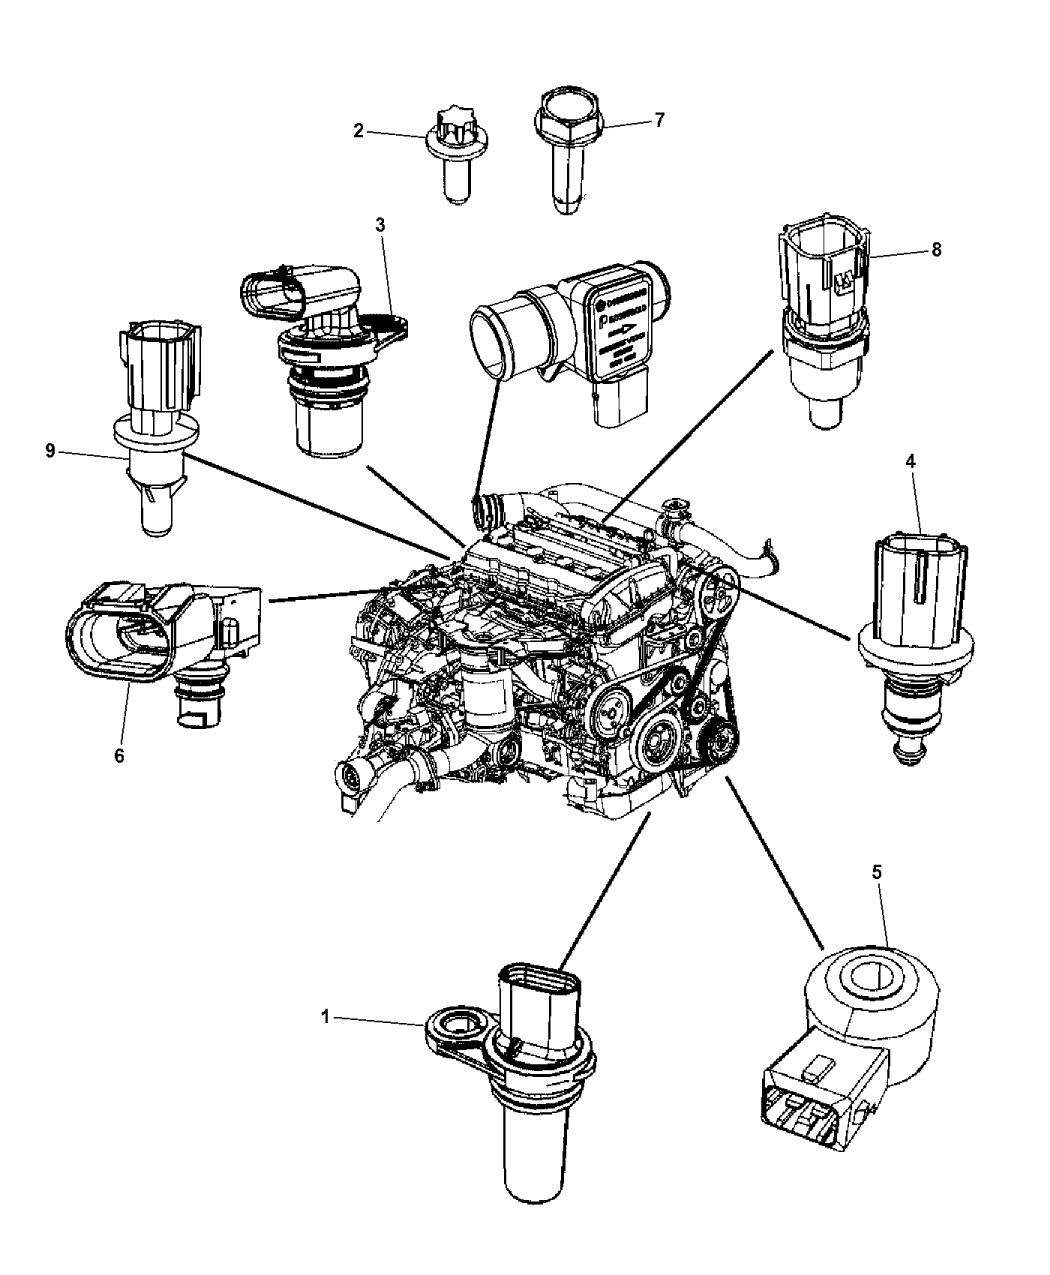 2013 Dodge Journey Sensors - Engine - Mopar Parts Giant